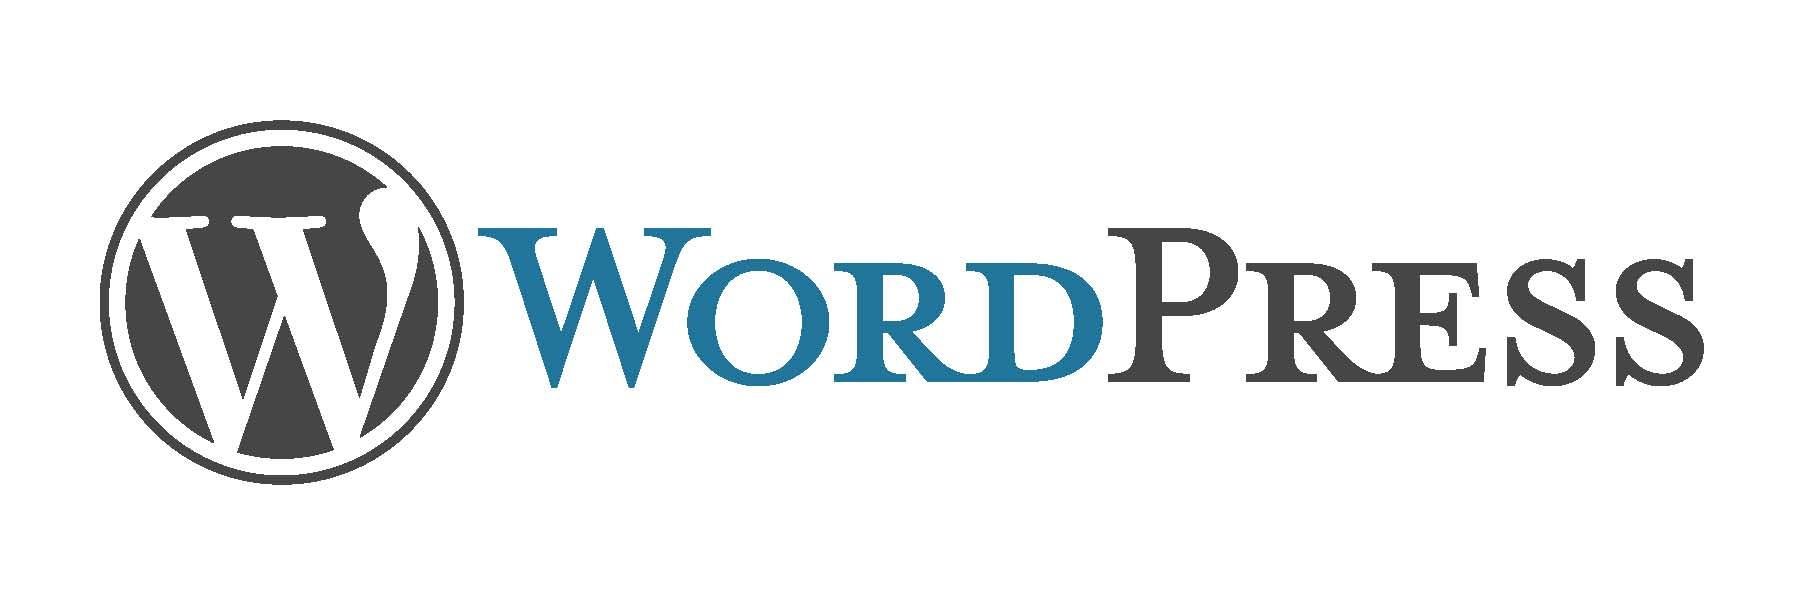 Listes d'extensions WordPress que je vous recommande